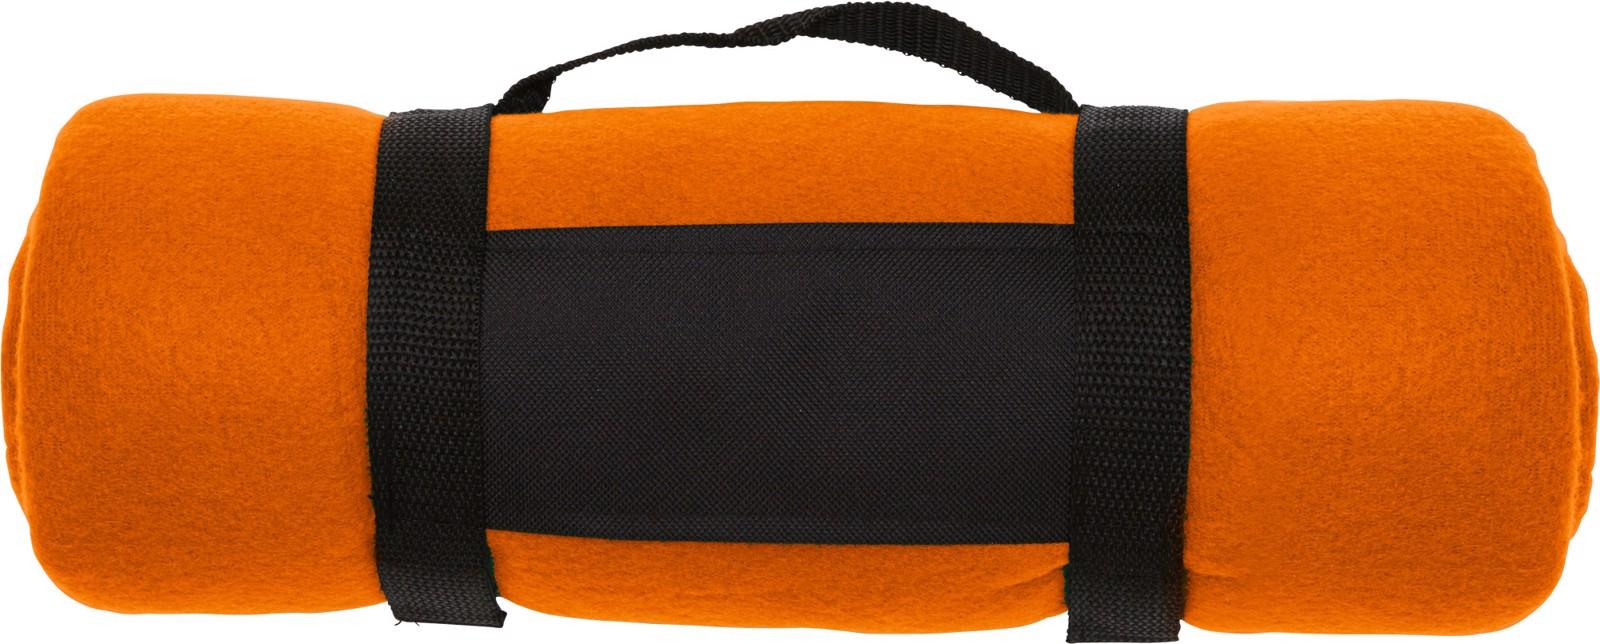 Polar fleece (170-180 gr/m²) blanket - Orange